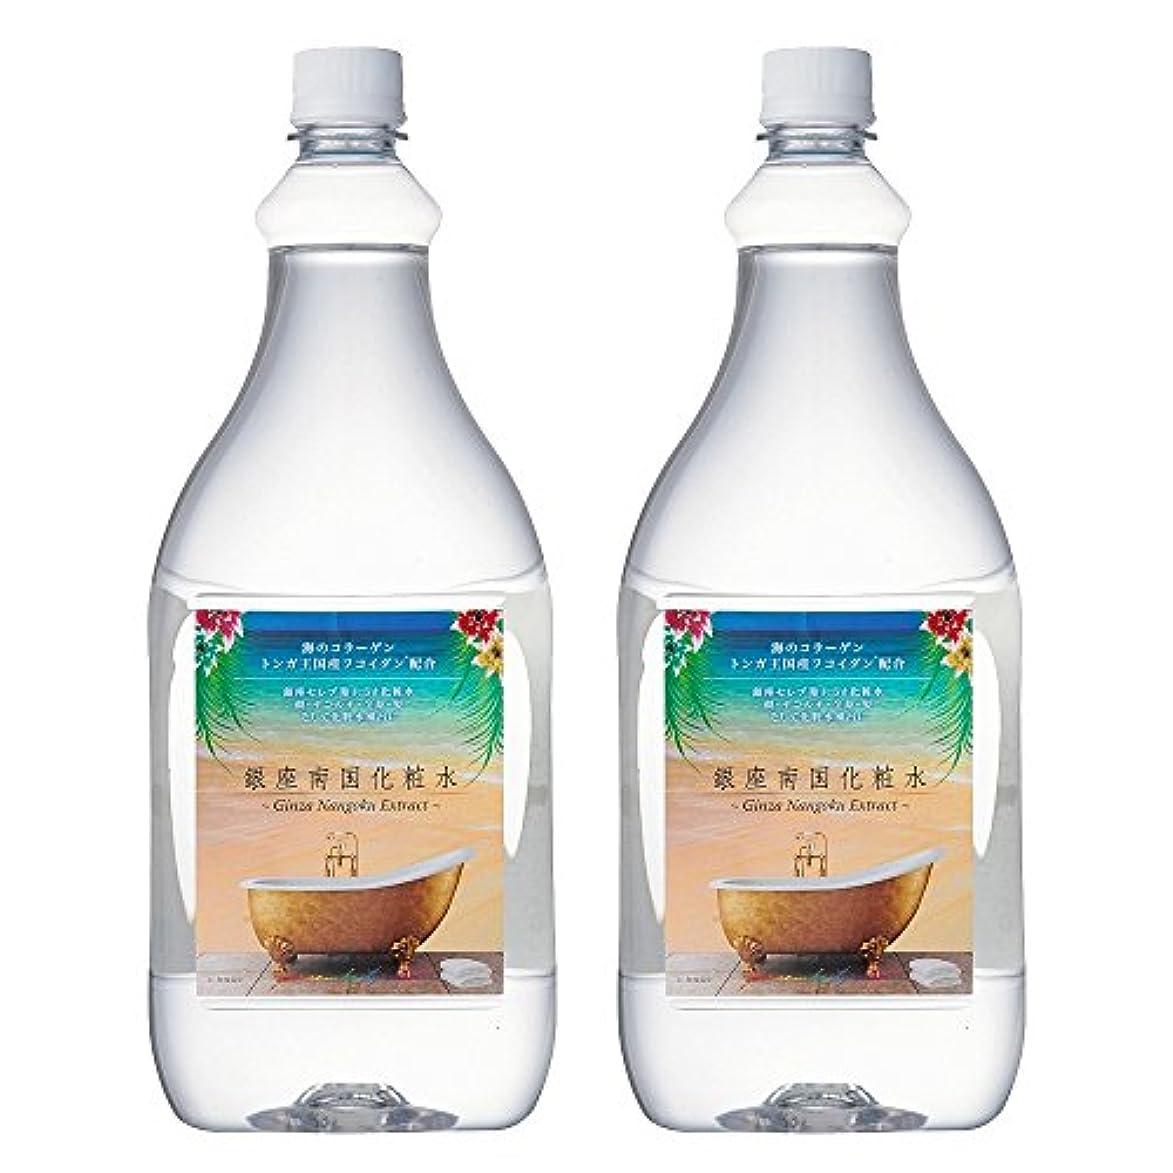 スカルク価値狂った銀座南国化粧水 1.5L 2本セット